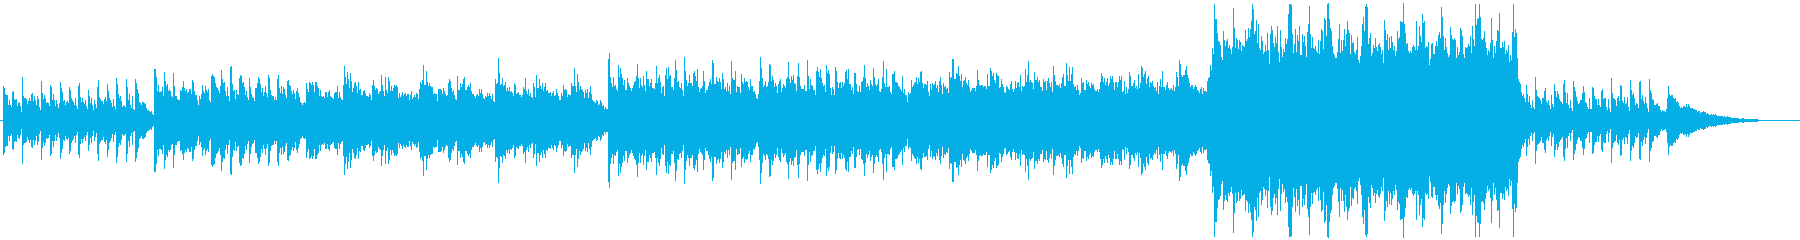 壮大・感動・勇敢・ピアノ・オーケストラの再生済みの波形